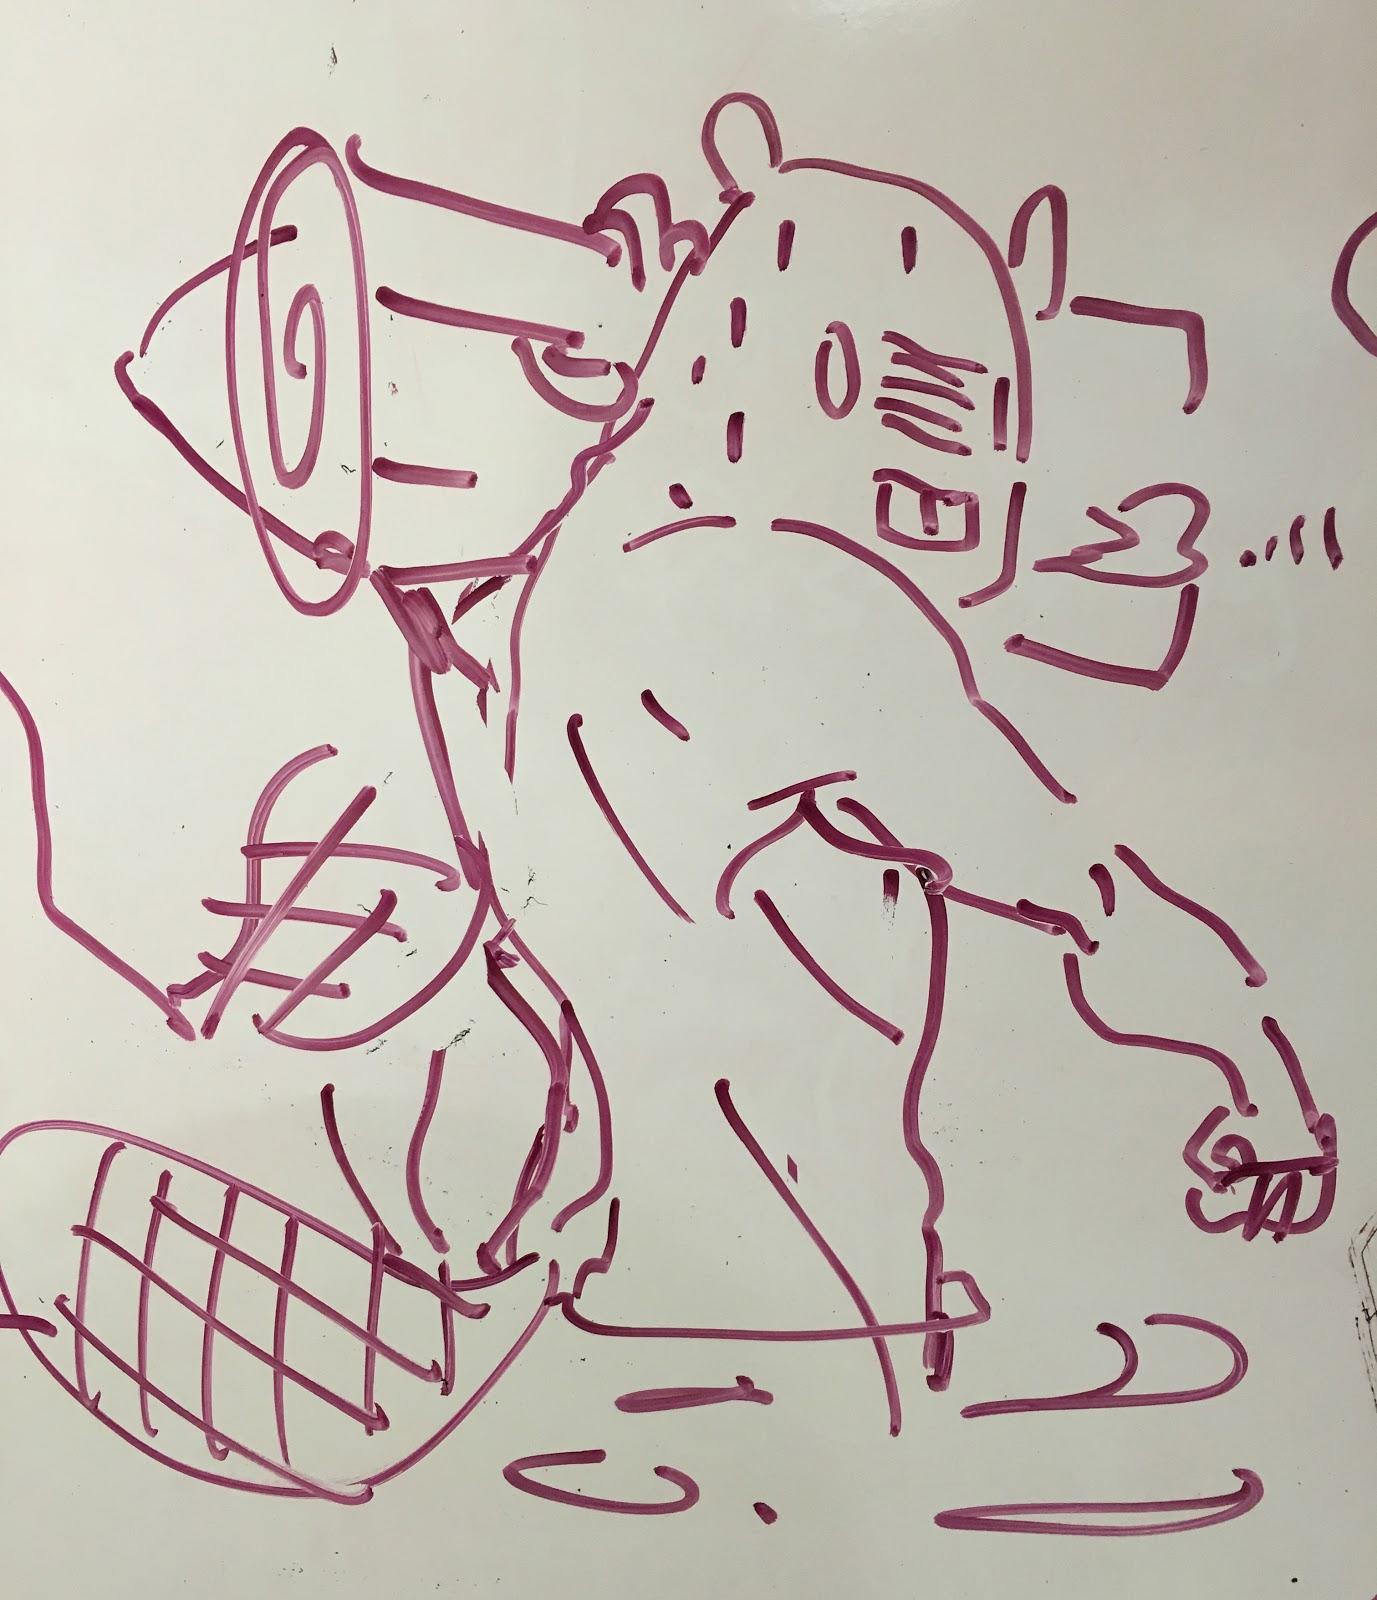 Hunky beavers